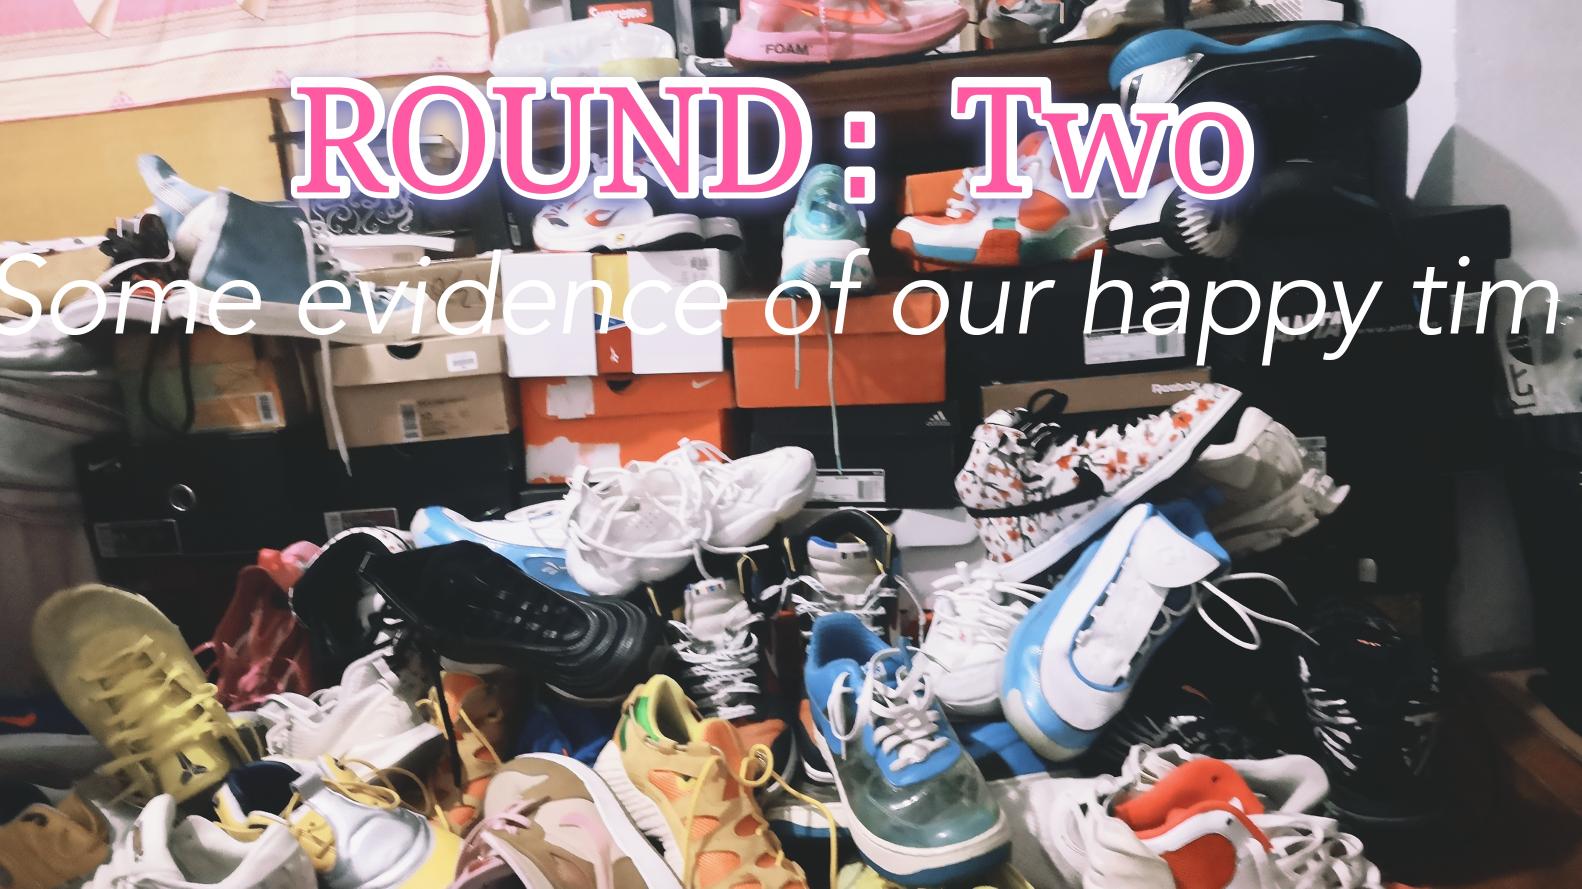 来吧!展示ROUND:Two,球鞋的测评(有小福利)